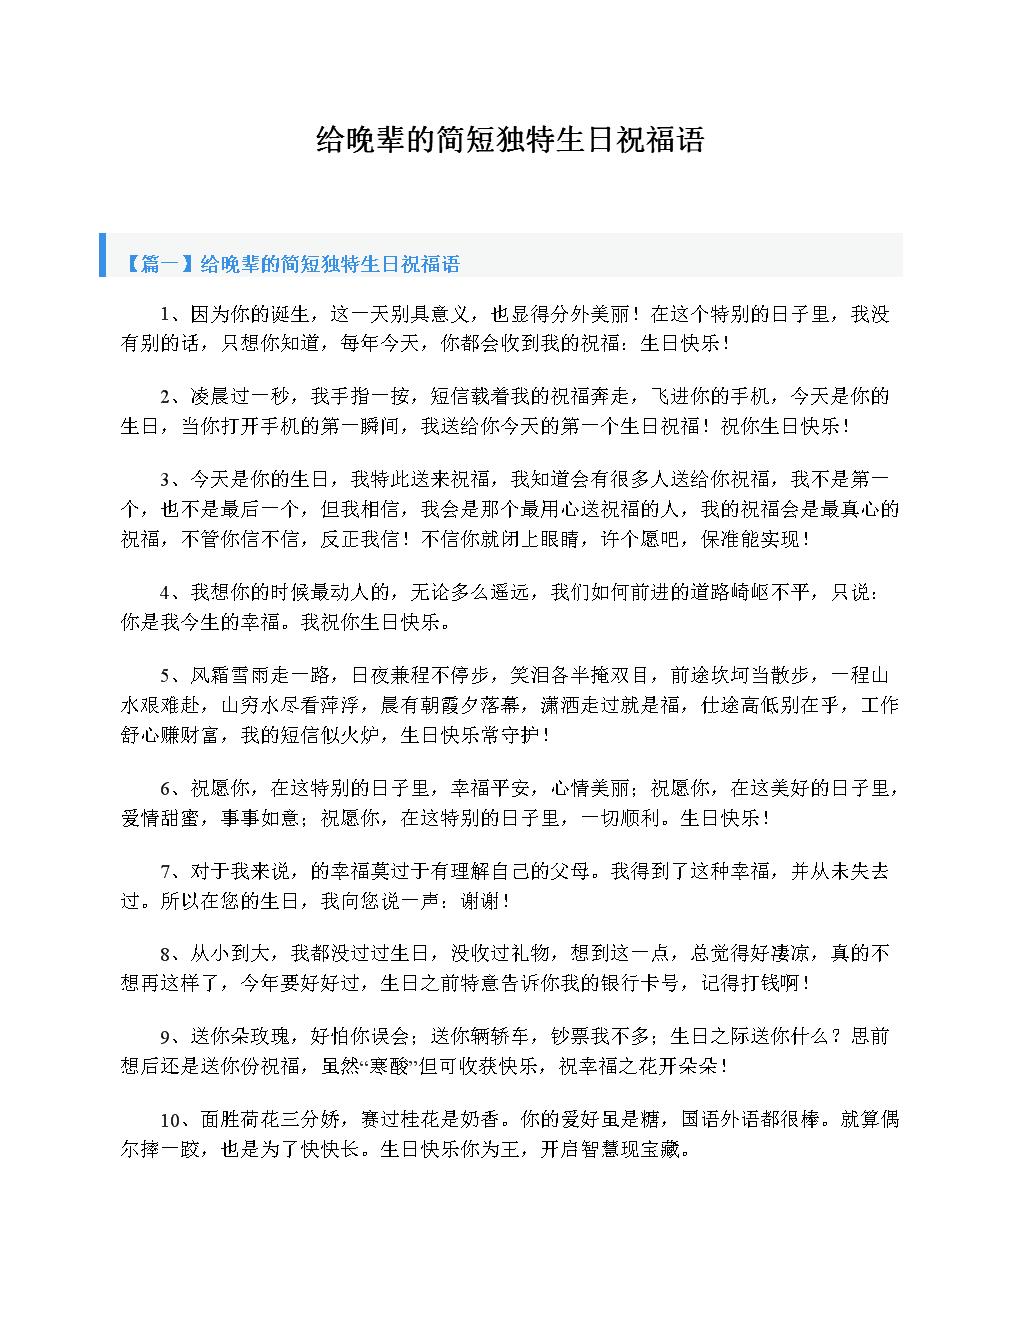 给晚辈的简短独特生日祝福语.doc